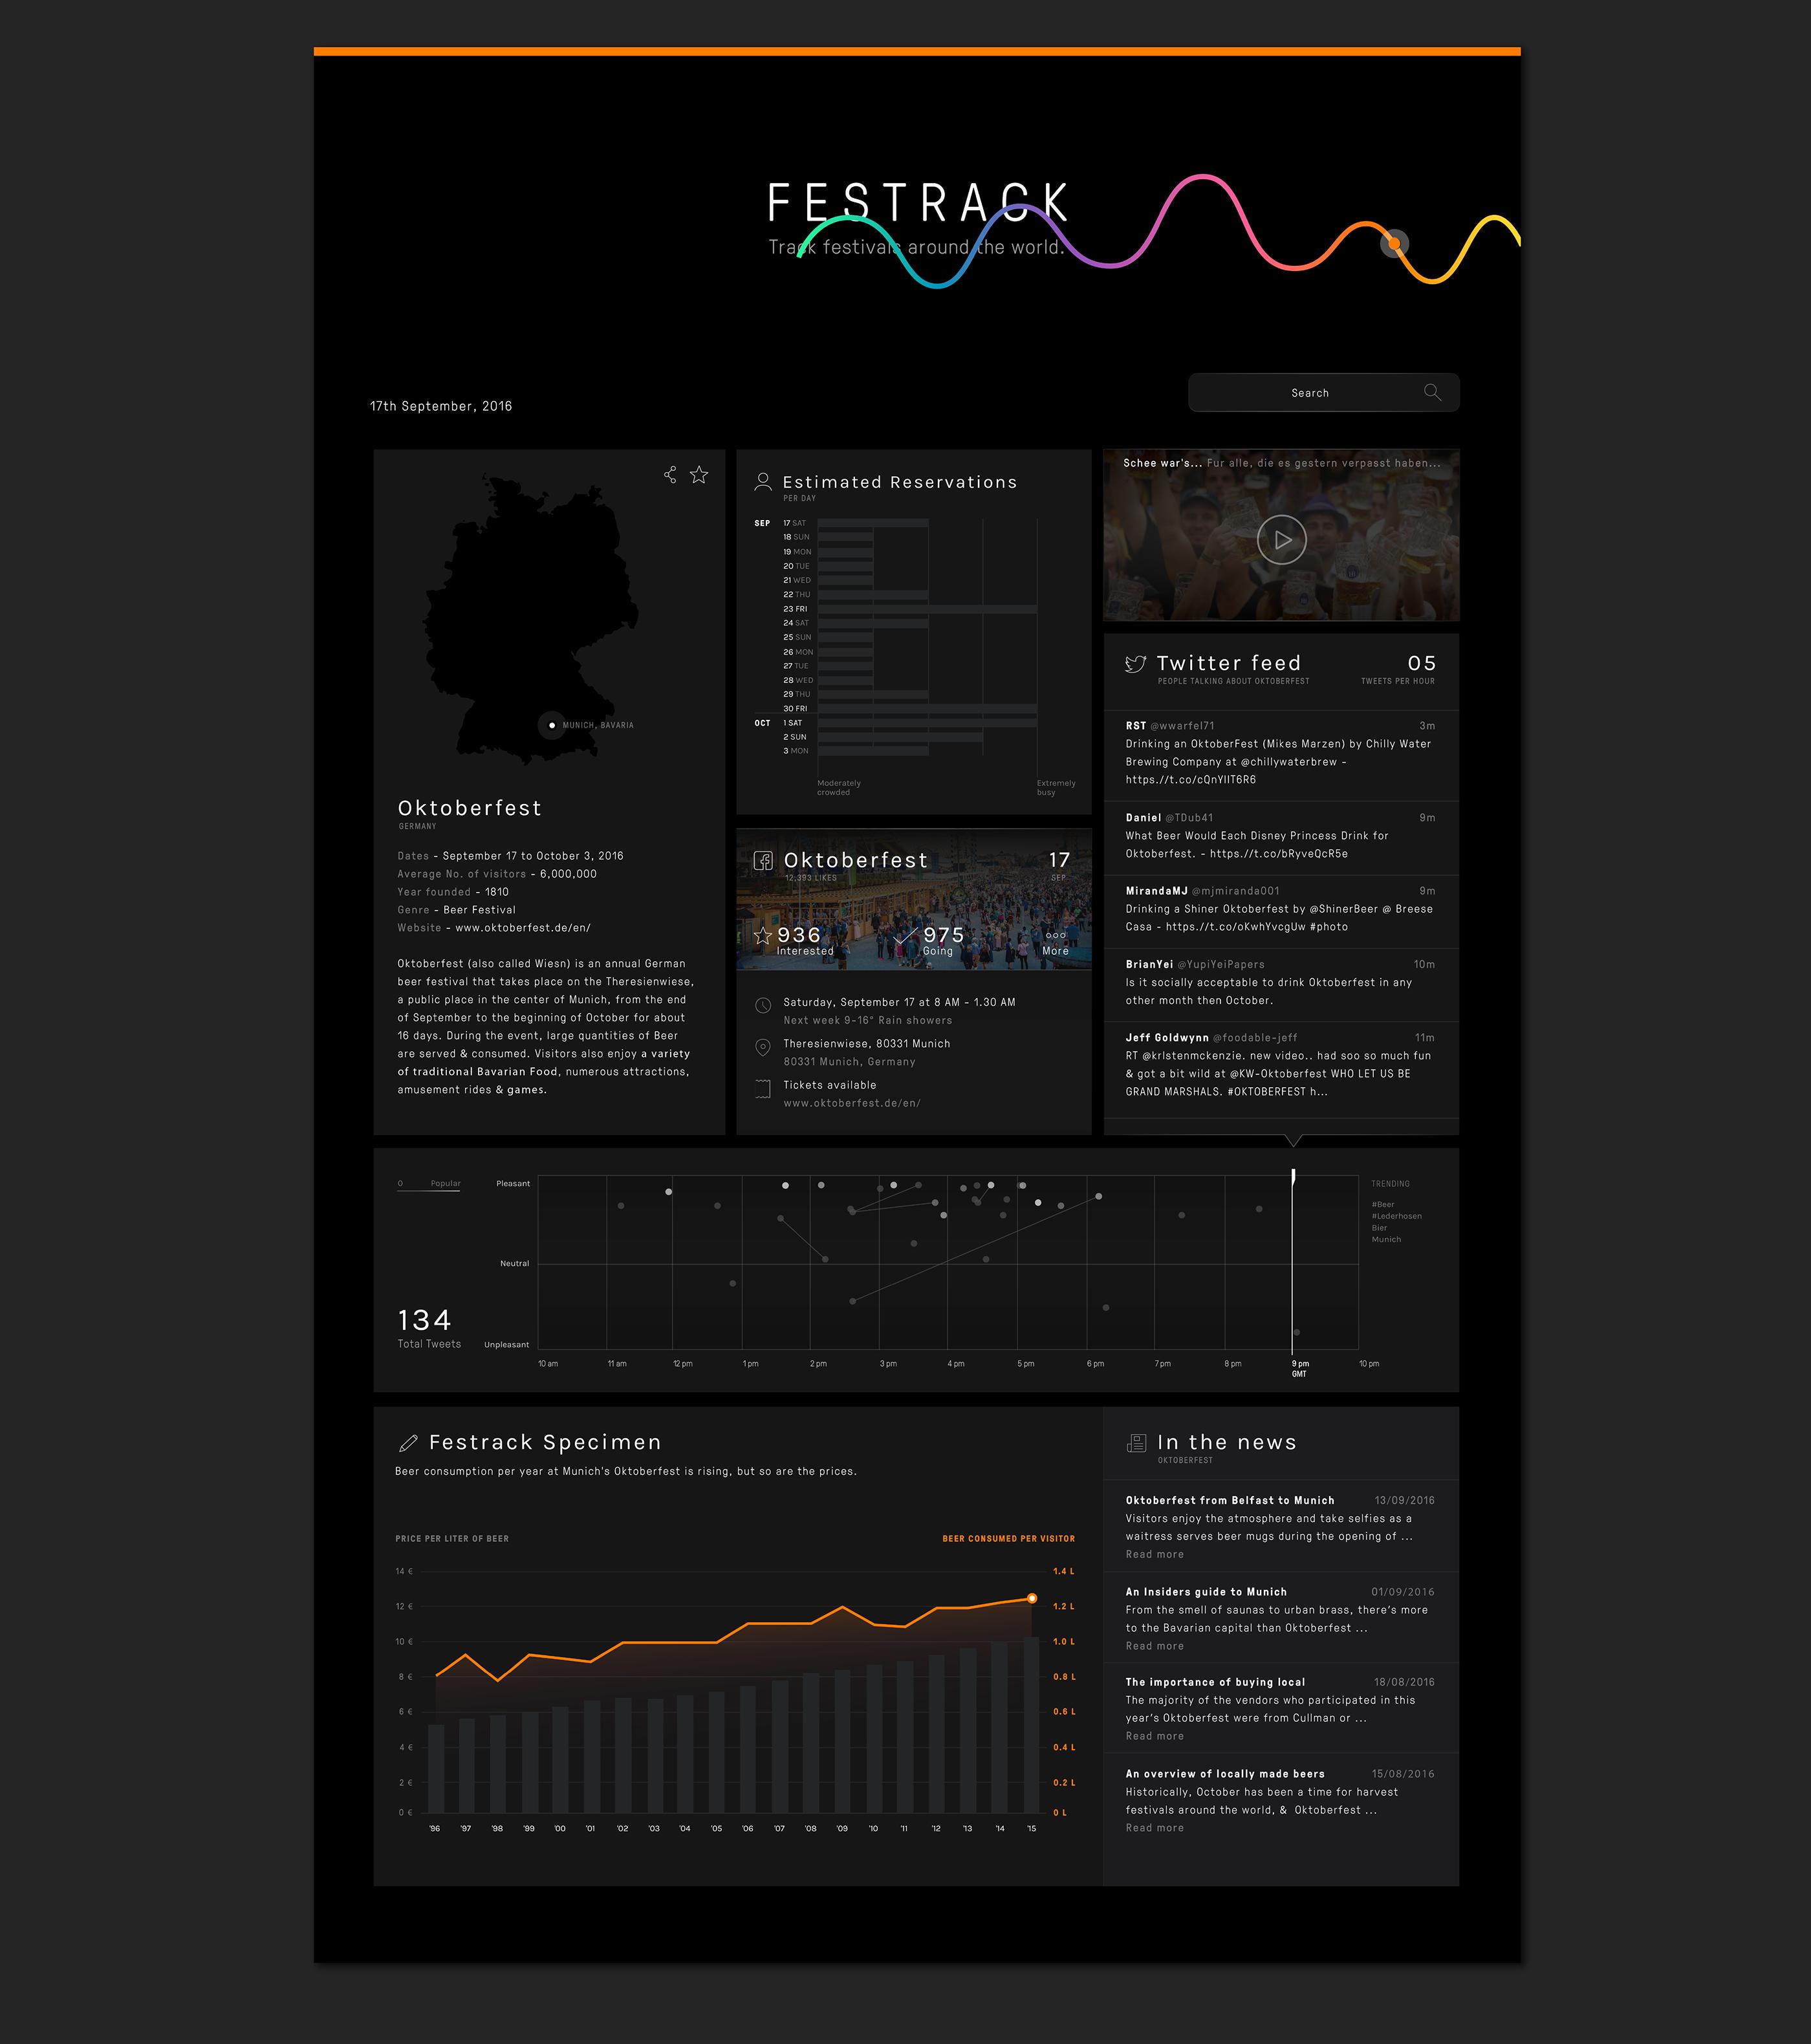 Festival Data Viz